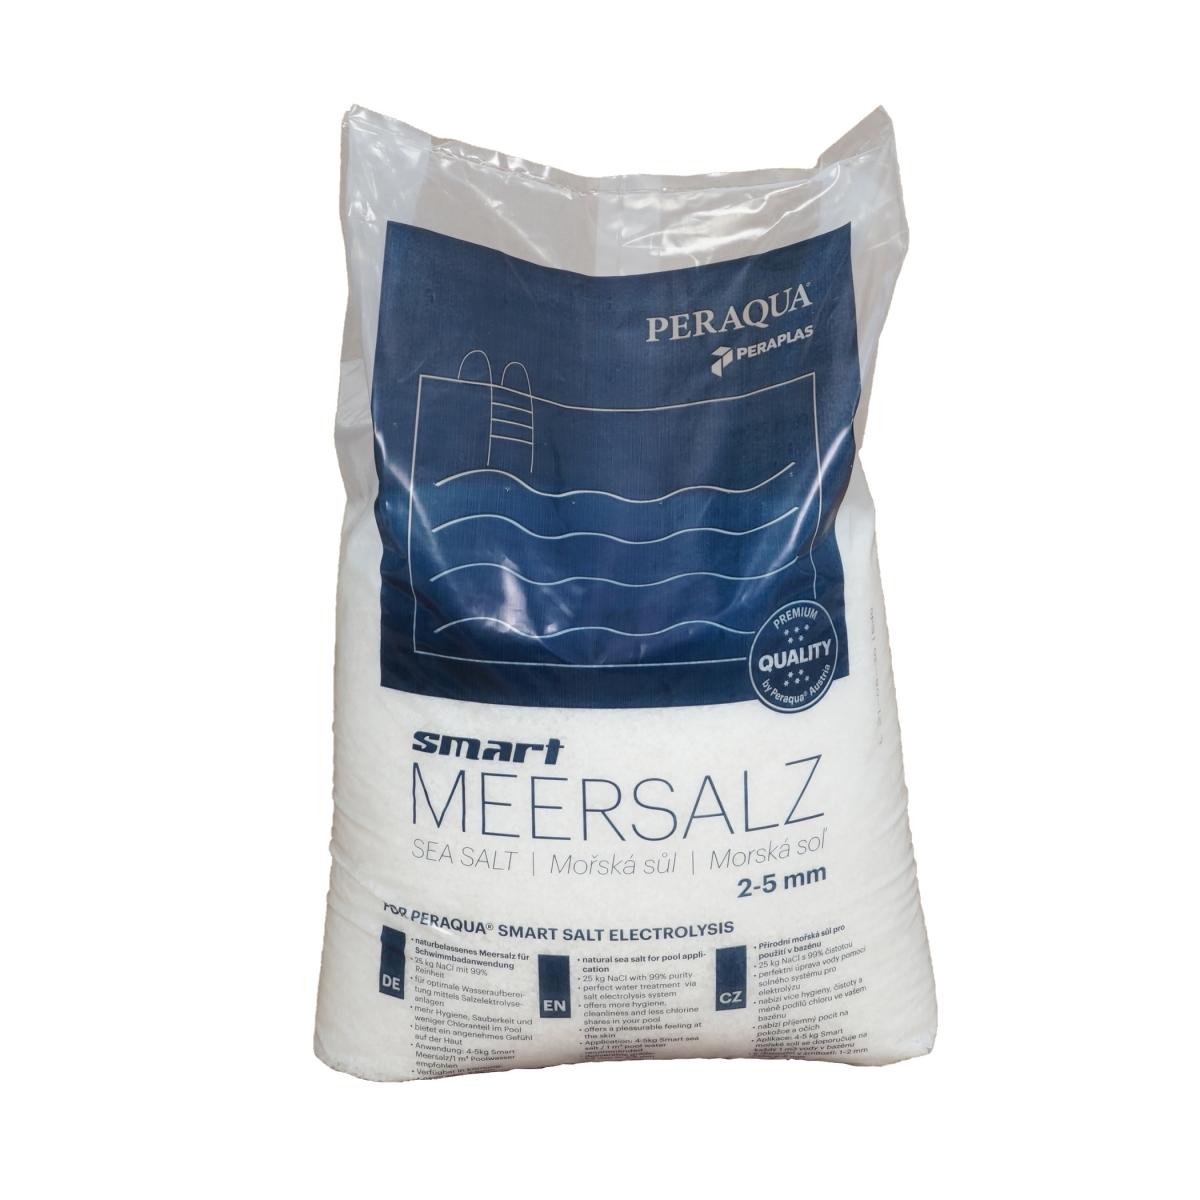 Smart Meersalz 2-5mm Körnung für die Verwendung in Verbindung mit Salzelektrolyseanlagen in Schwimmbadanlagen, 25 kg Sack Smart Meersalz 2-5mm Körnung für die Verwendung in Verbindung mit Salzelektrolyseanlagen in Schwimmbadanlagen, 25 kg Sack